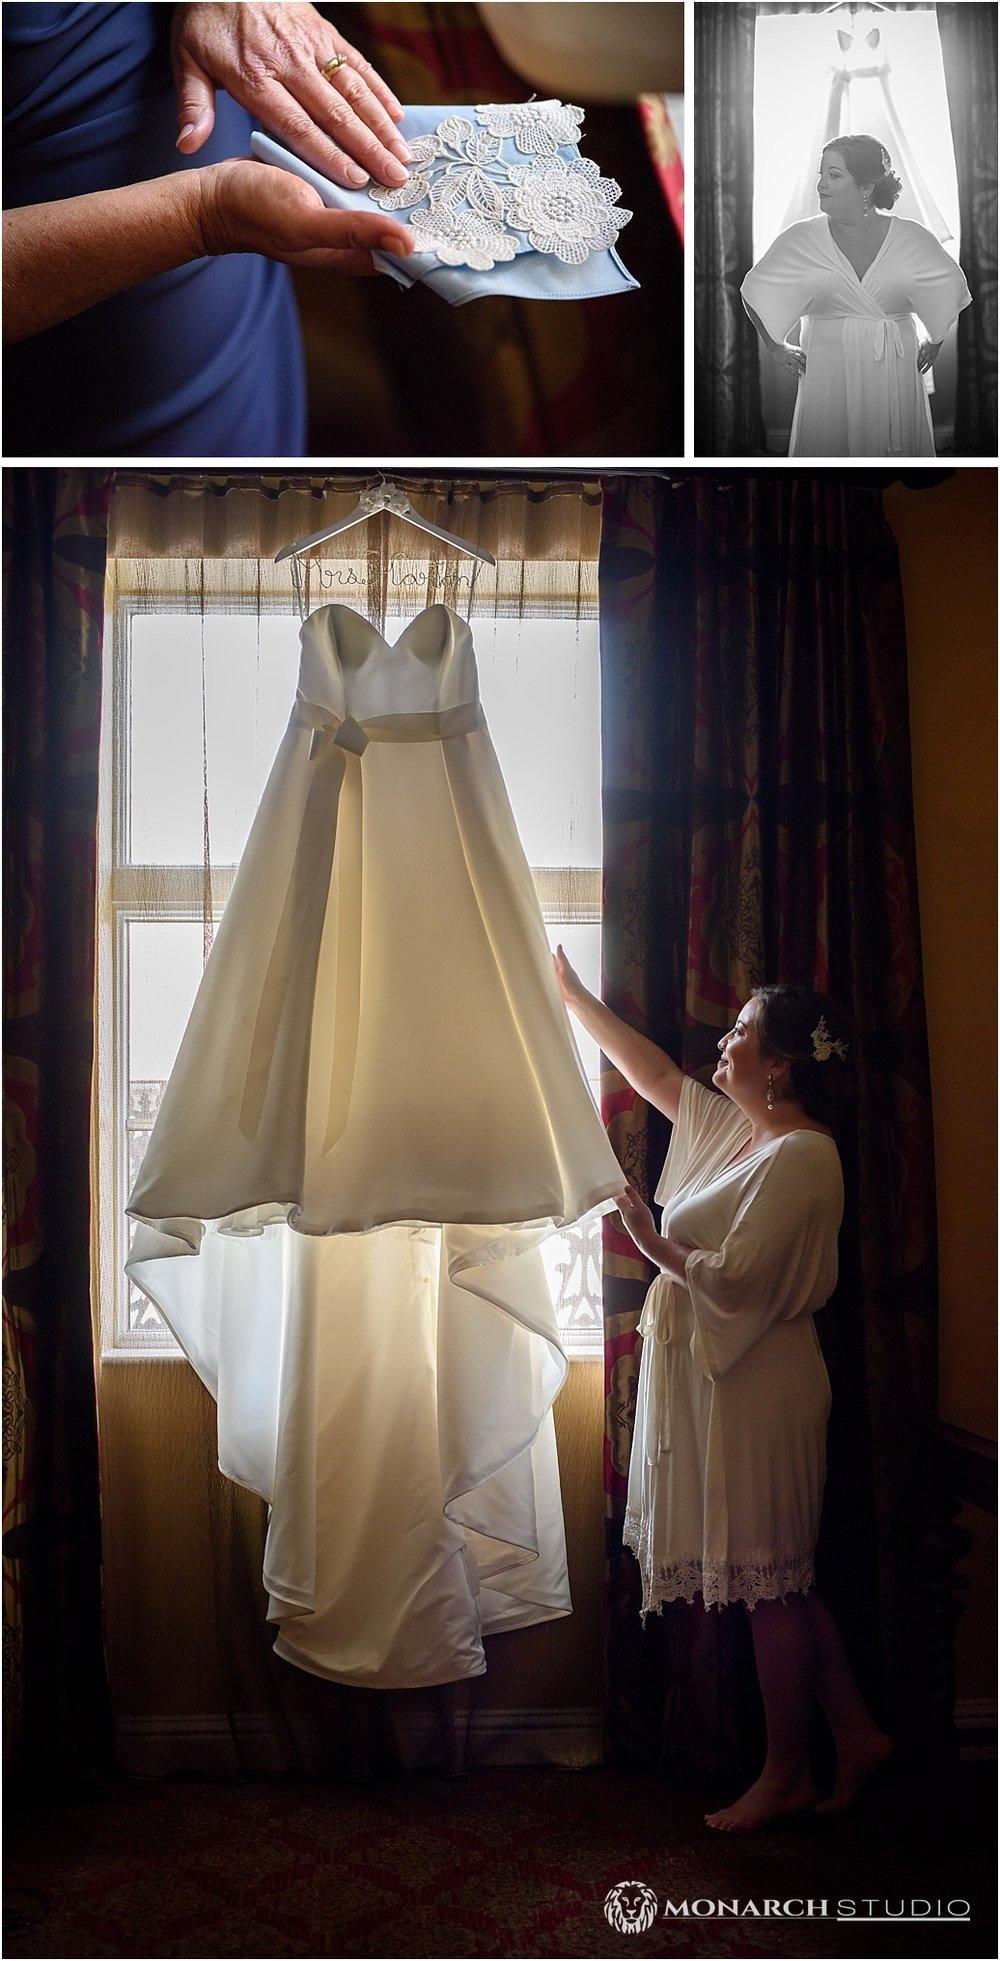 st-augustine-wedding-planner-thewedding-authority-006.jpg